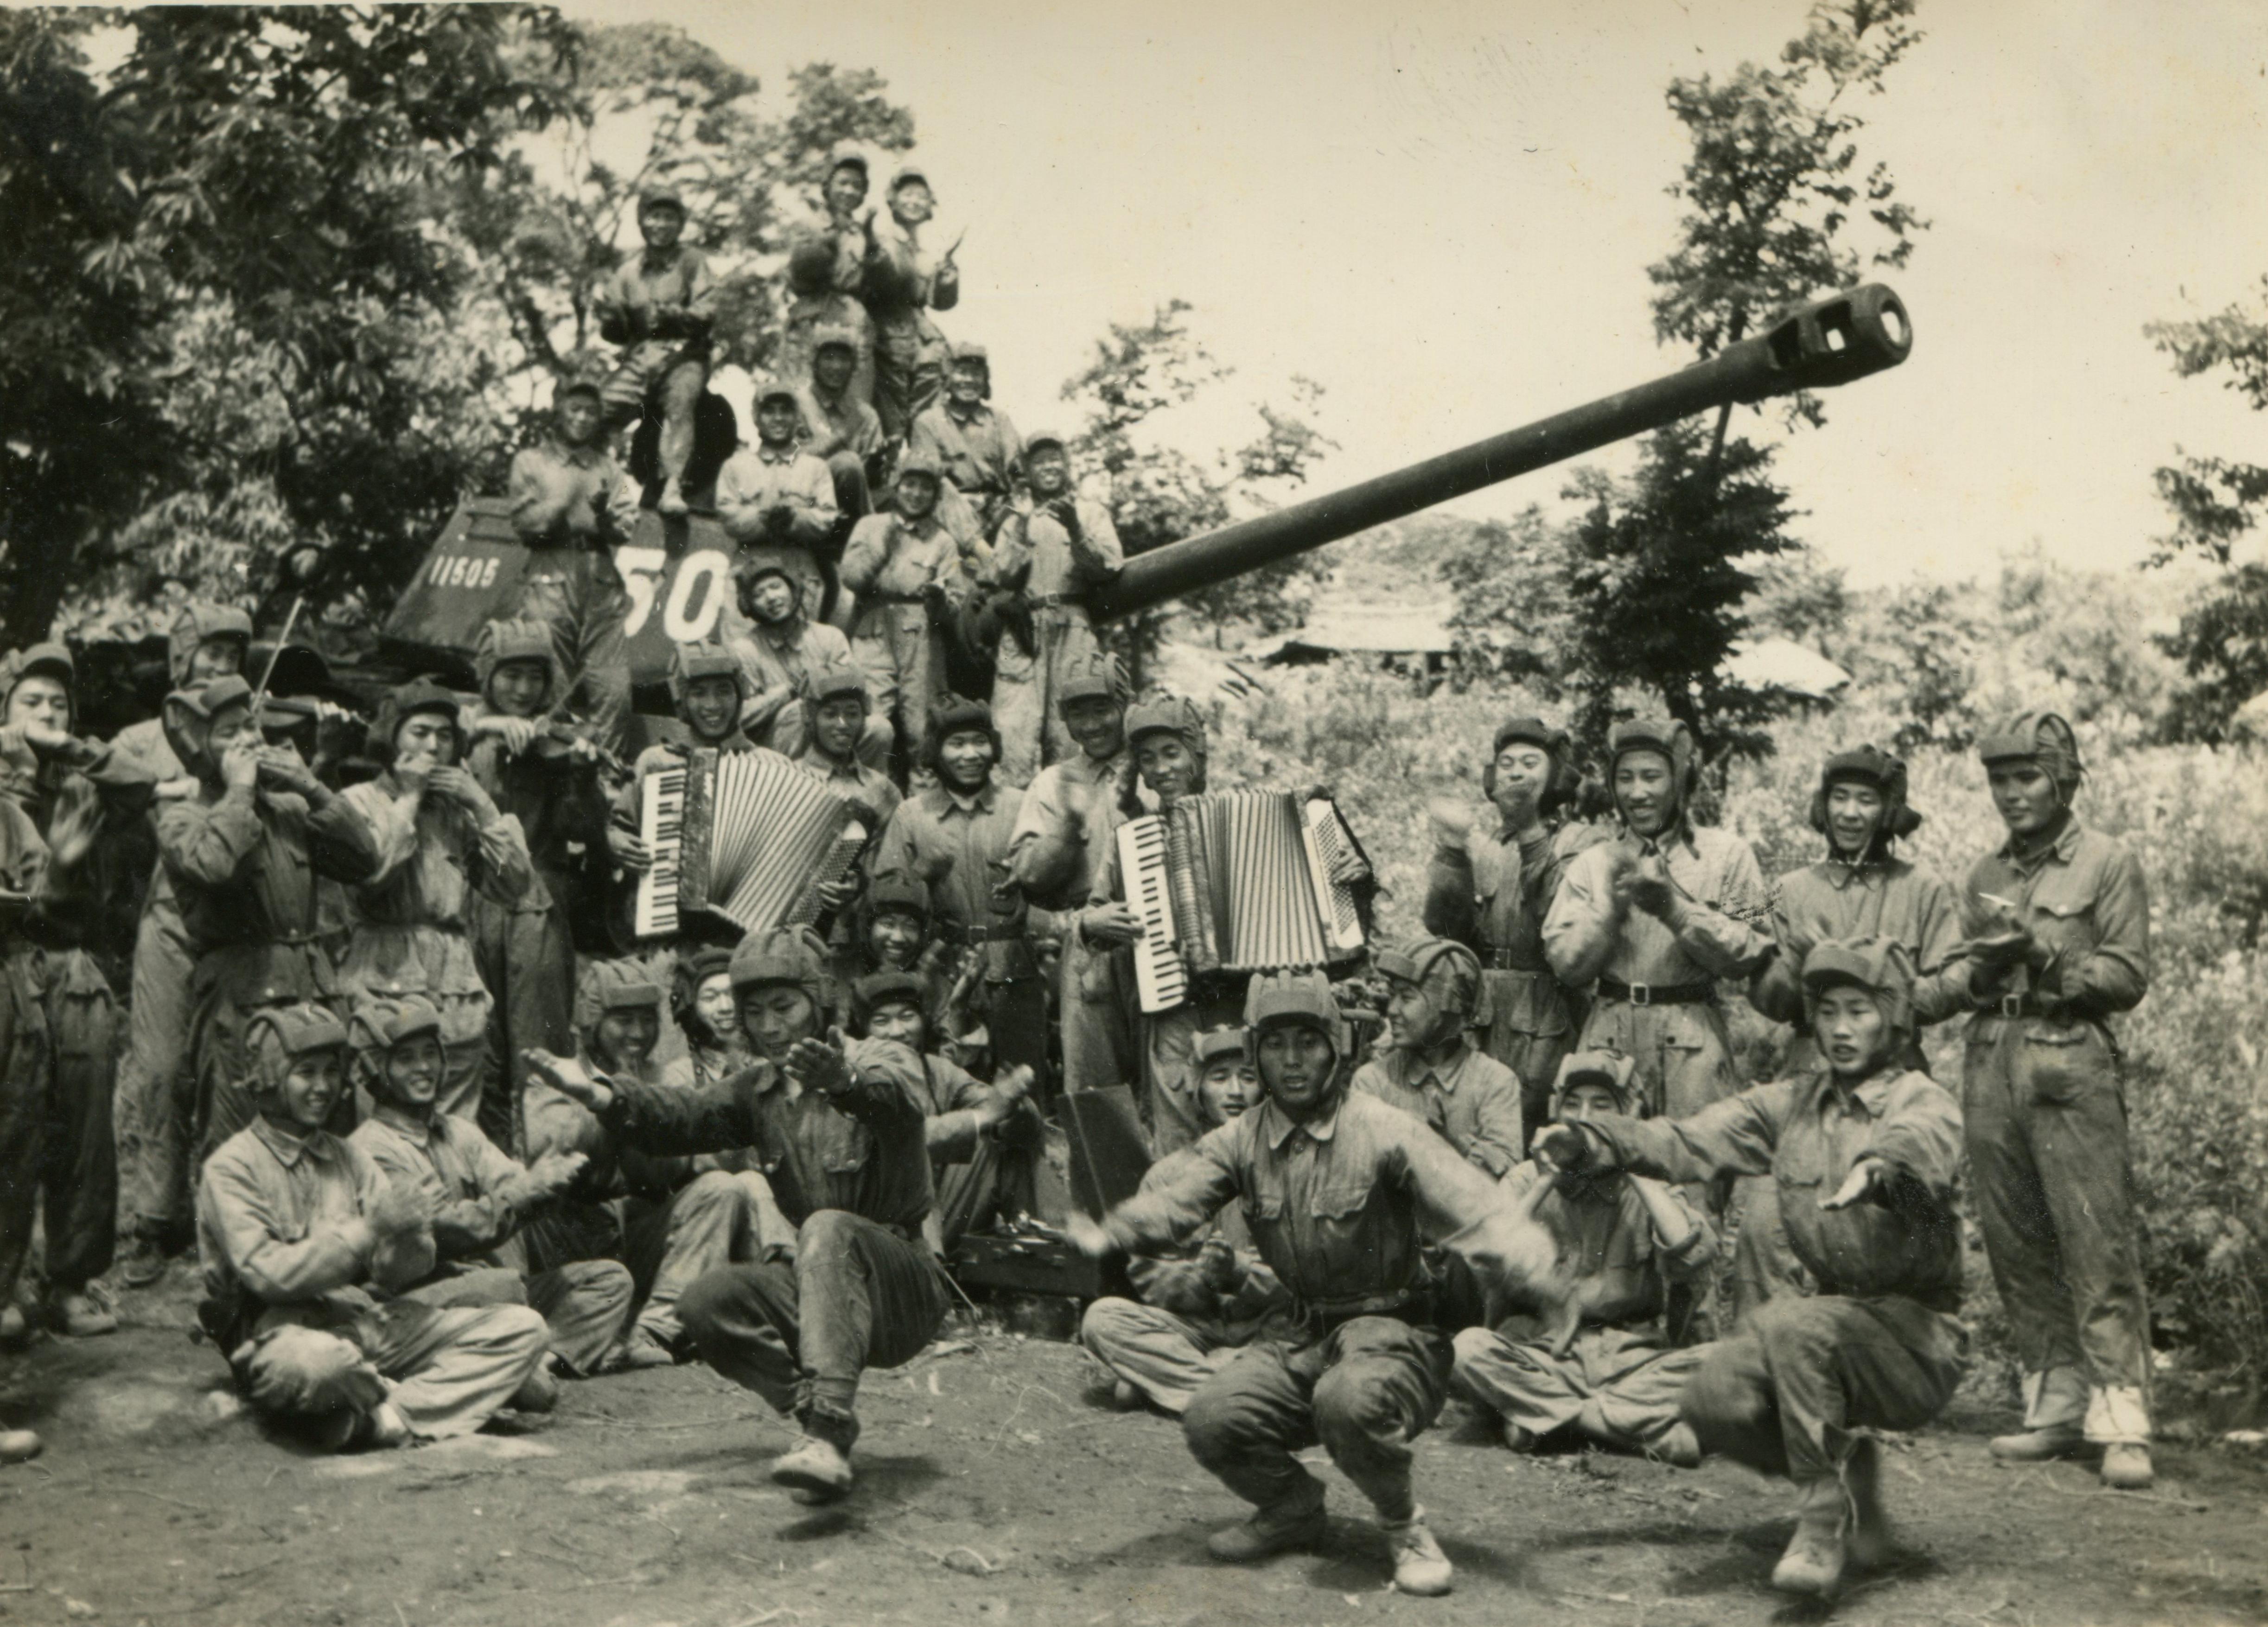 1952年10月18日,志願軍戰士們在一場戰鬥勝利結束後,興奮愉快地歌舞。(資料圖片)